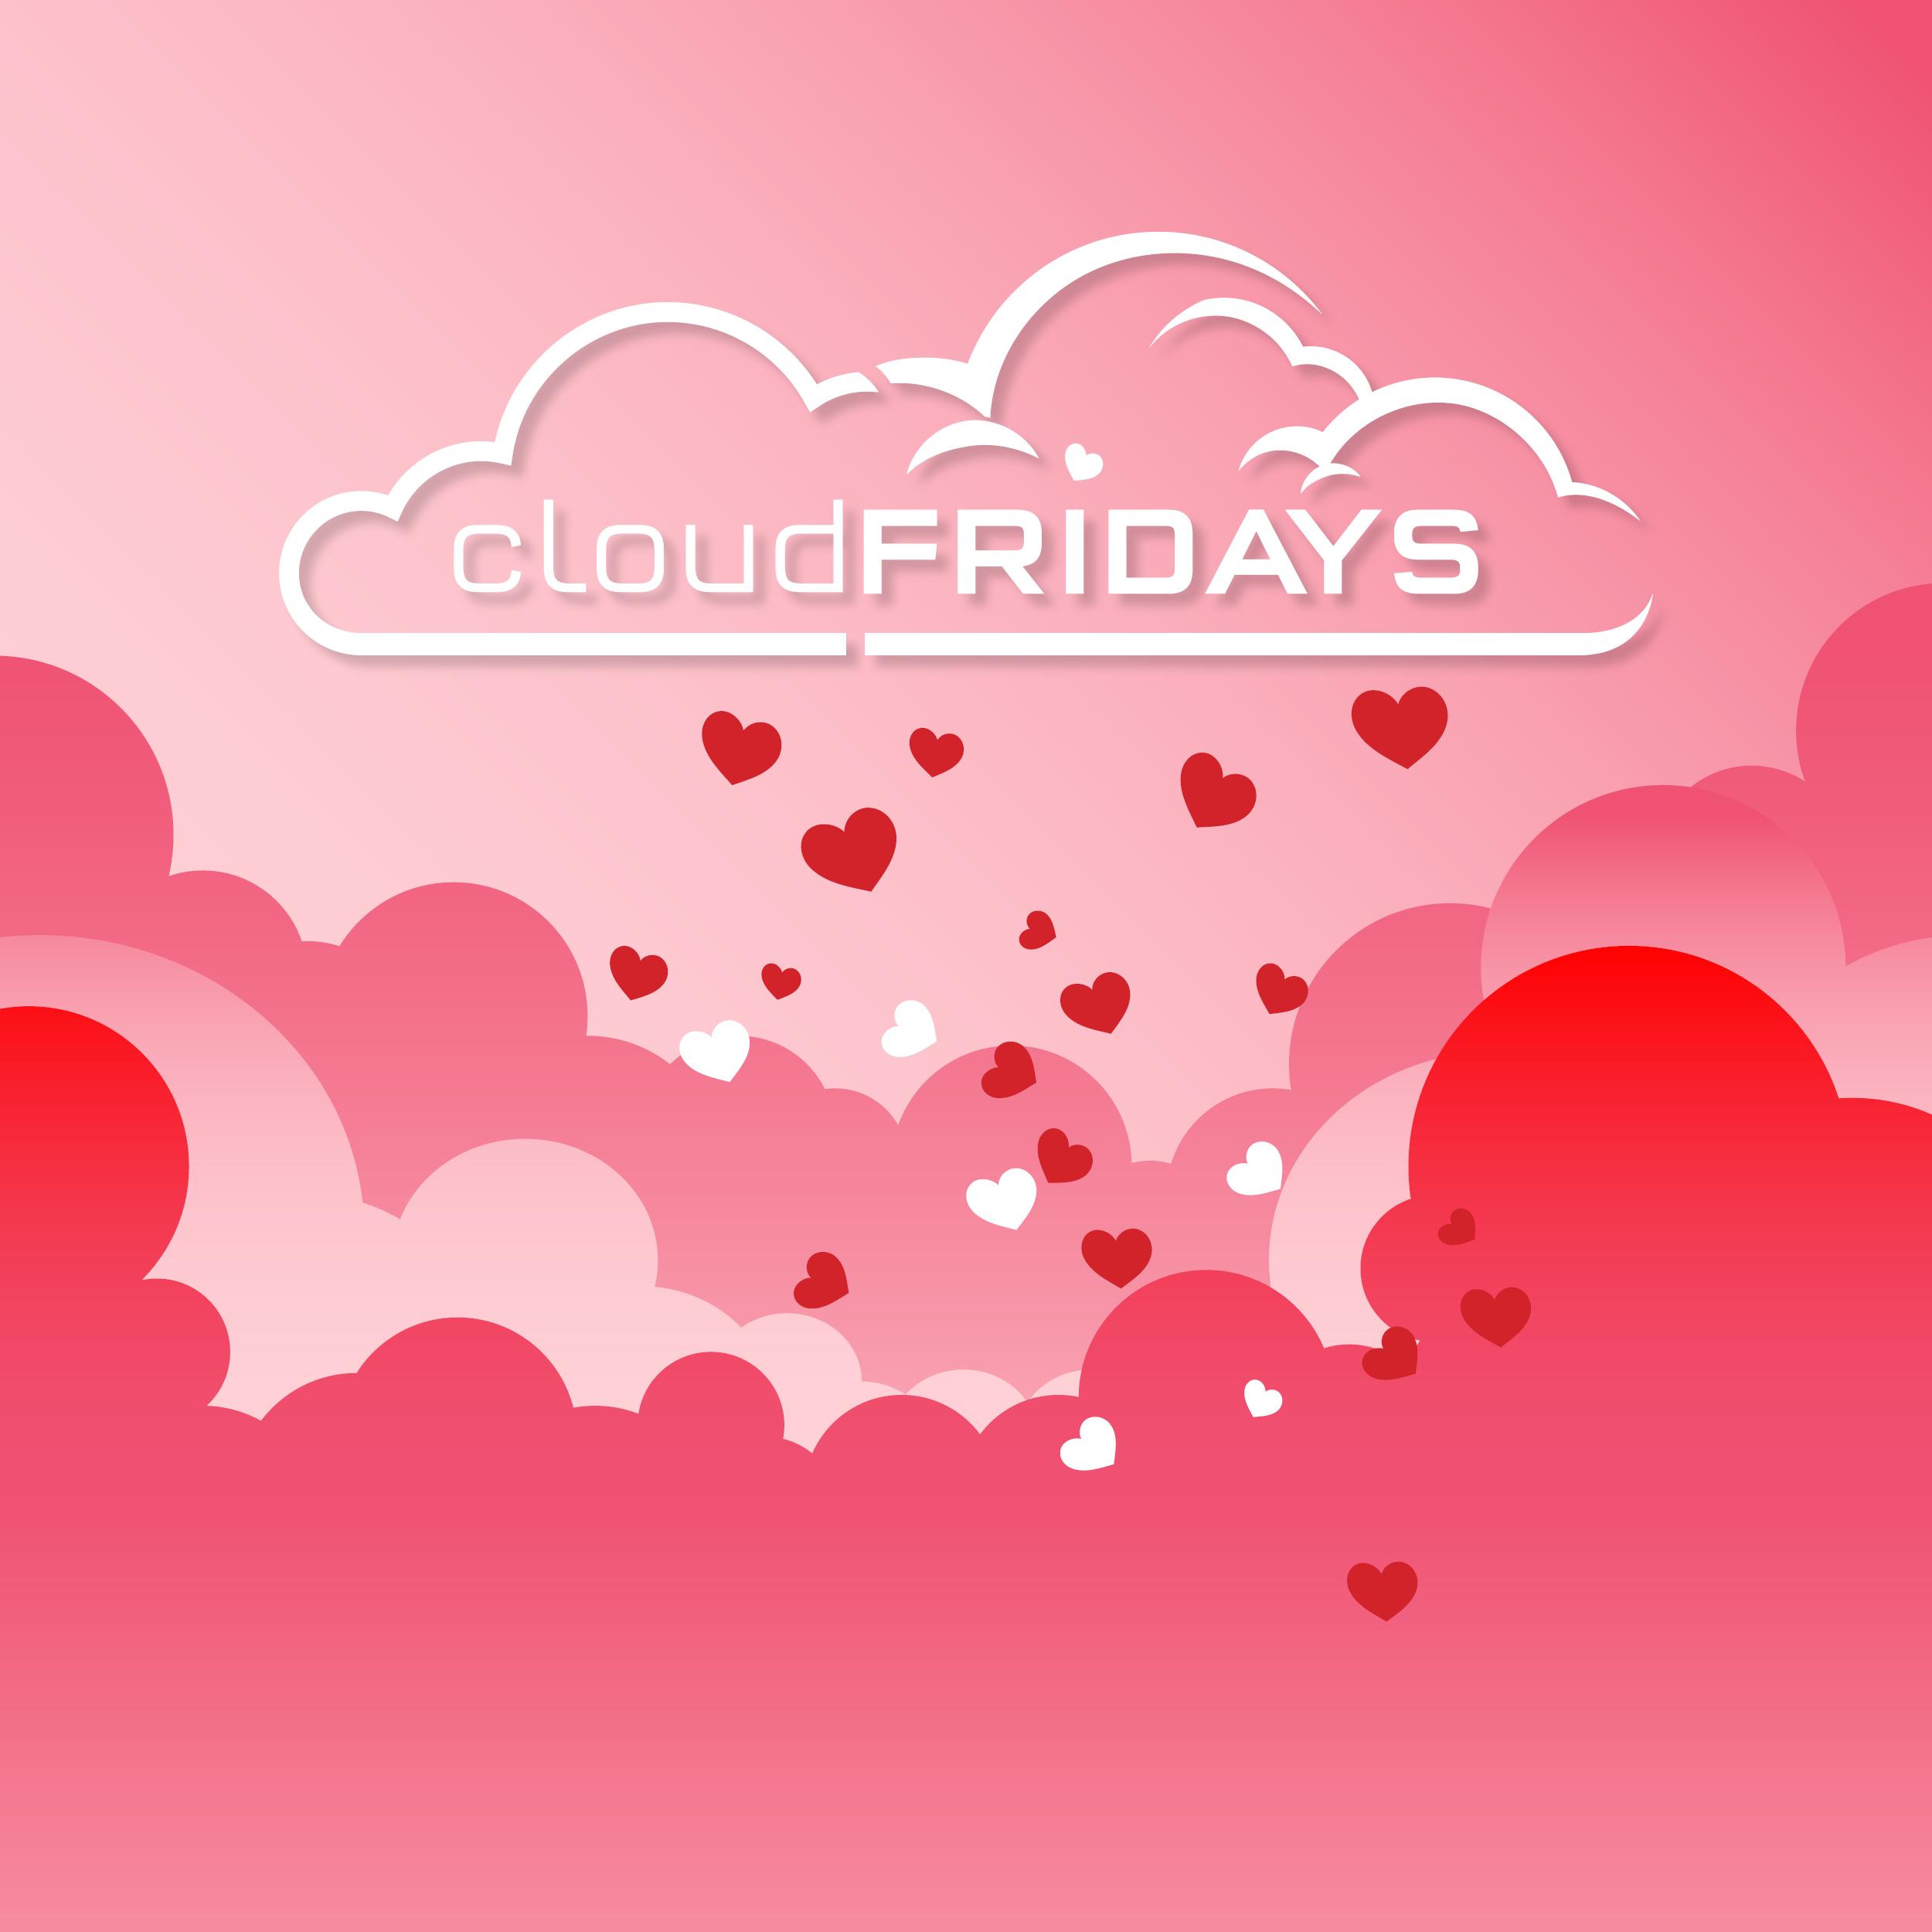 Cloud Fridays, South Africa, 14 Feb 2020, Azure Fundamentals - Part 3